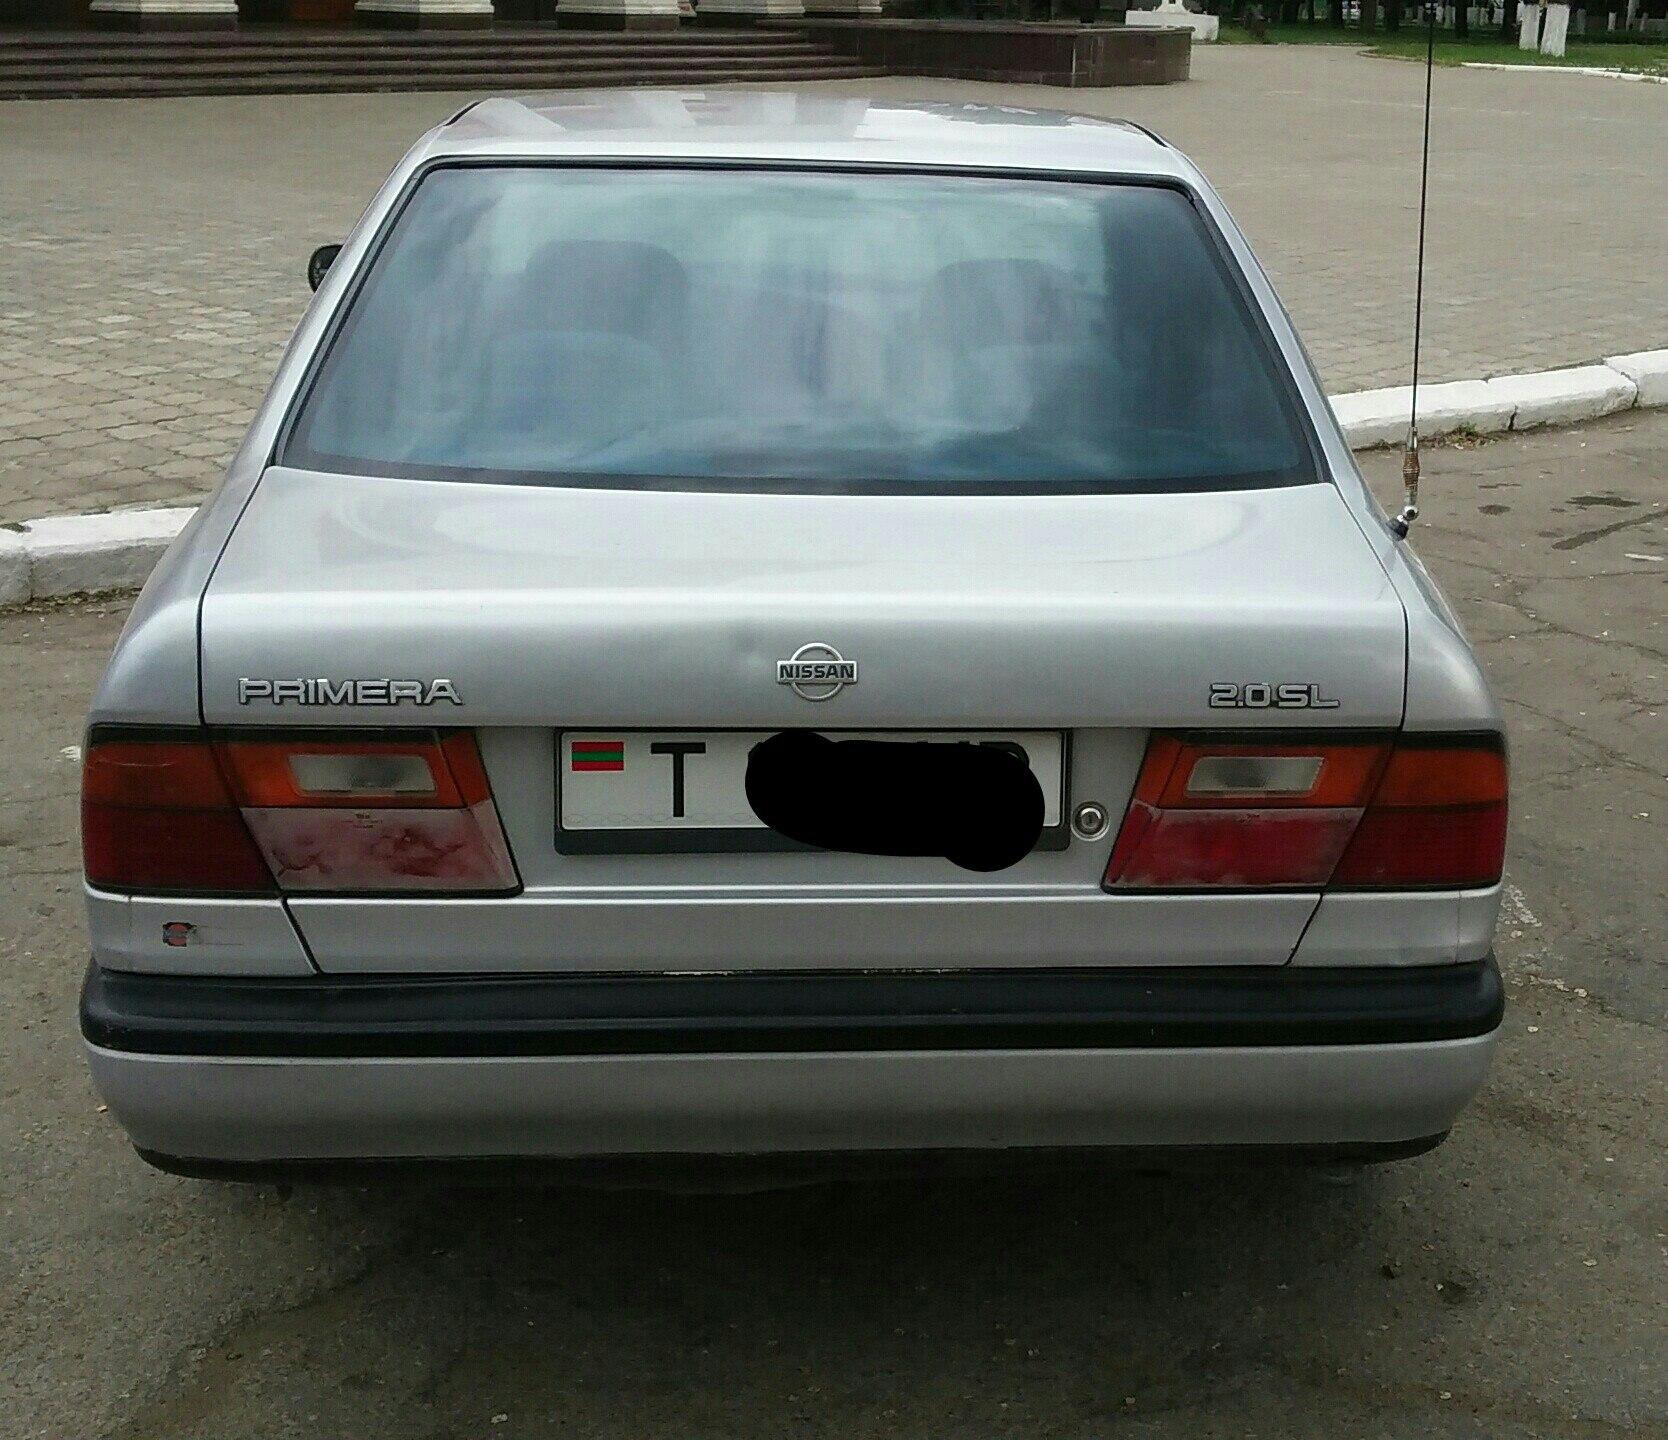 Продам 2.0 бензин 1994 г. 900$ торг